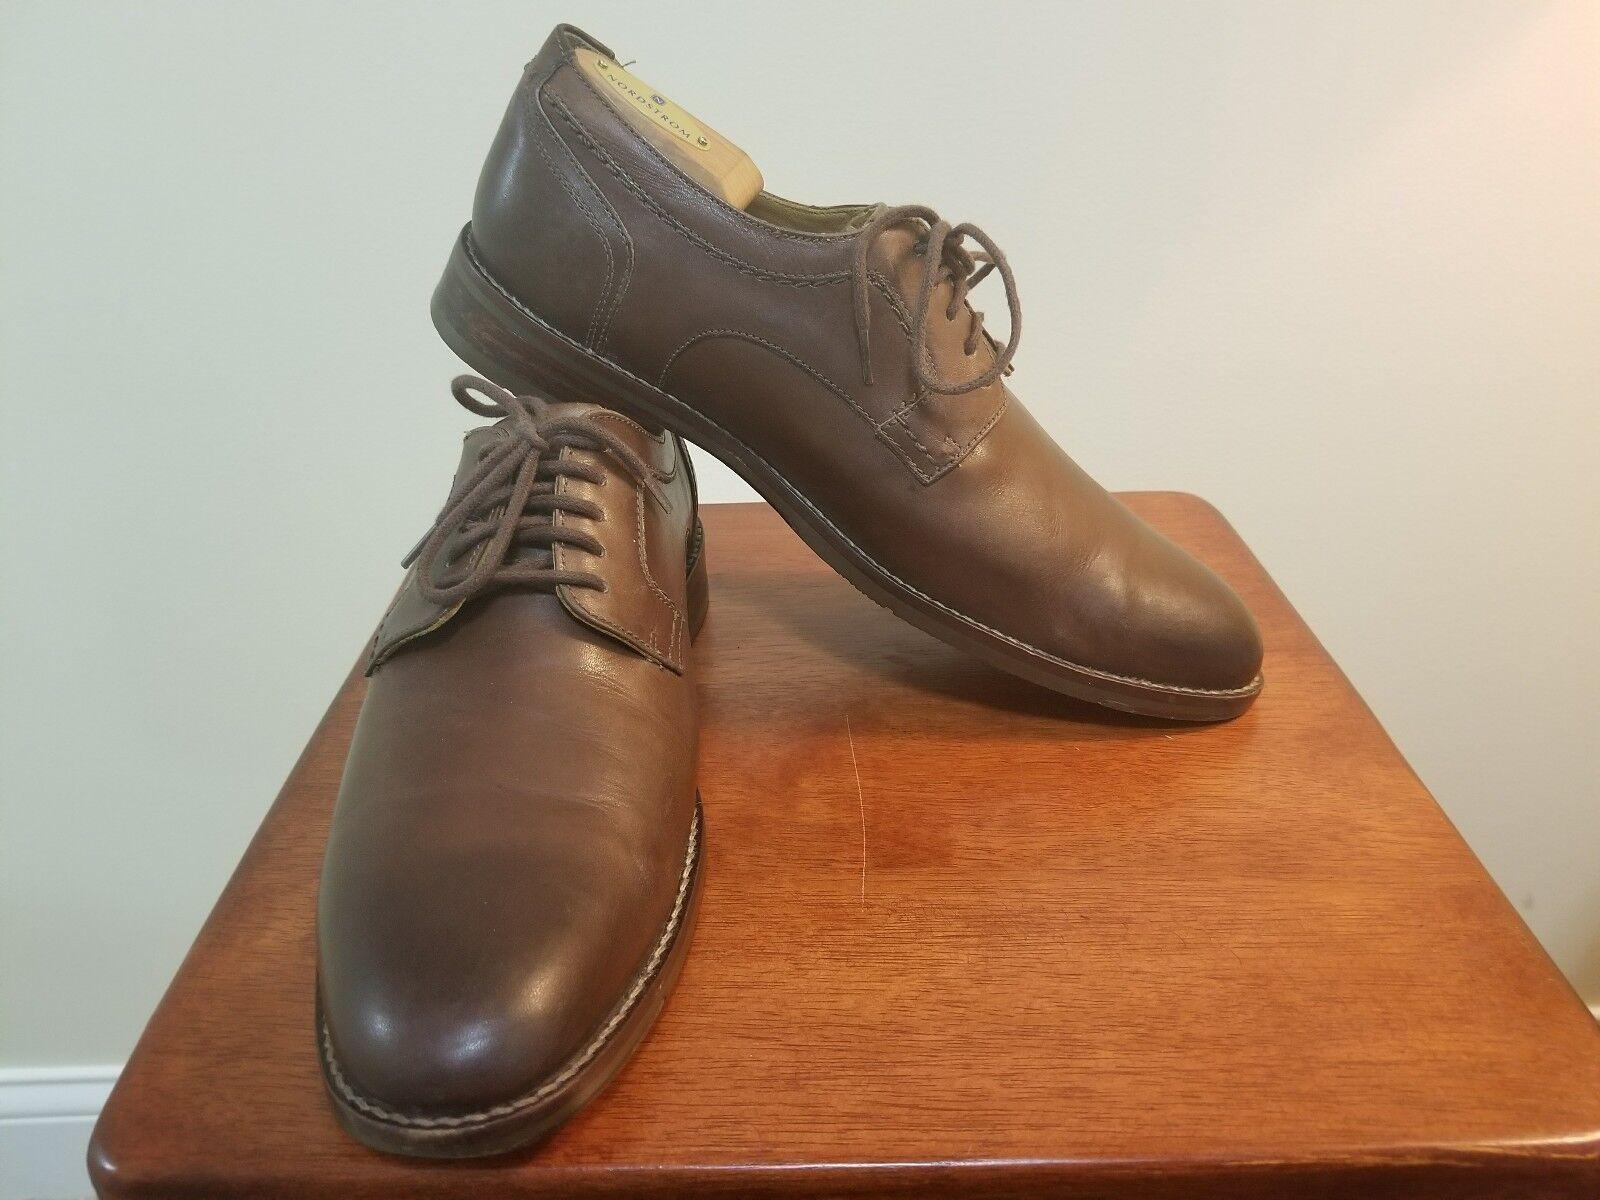 Johnston & Murphy Garner Plain Toe shoes - Mens Size 9.5 M, Brown MSRP